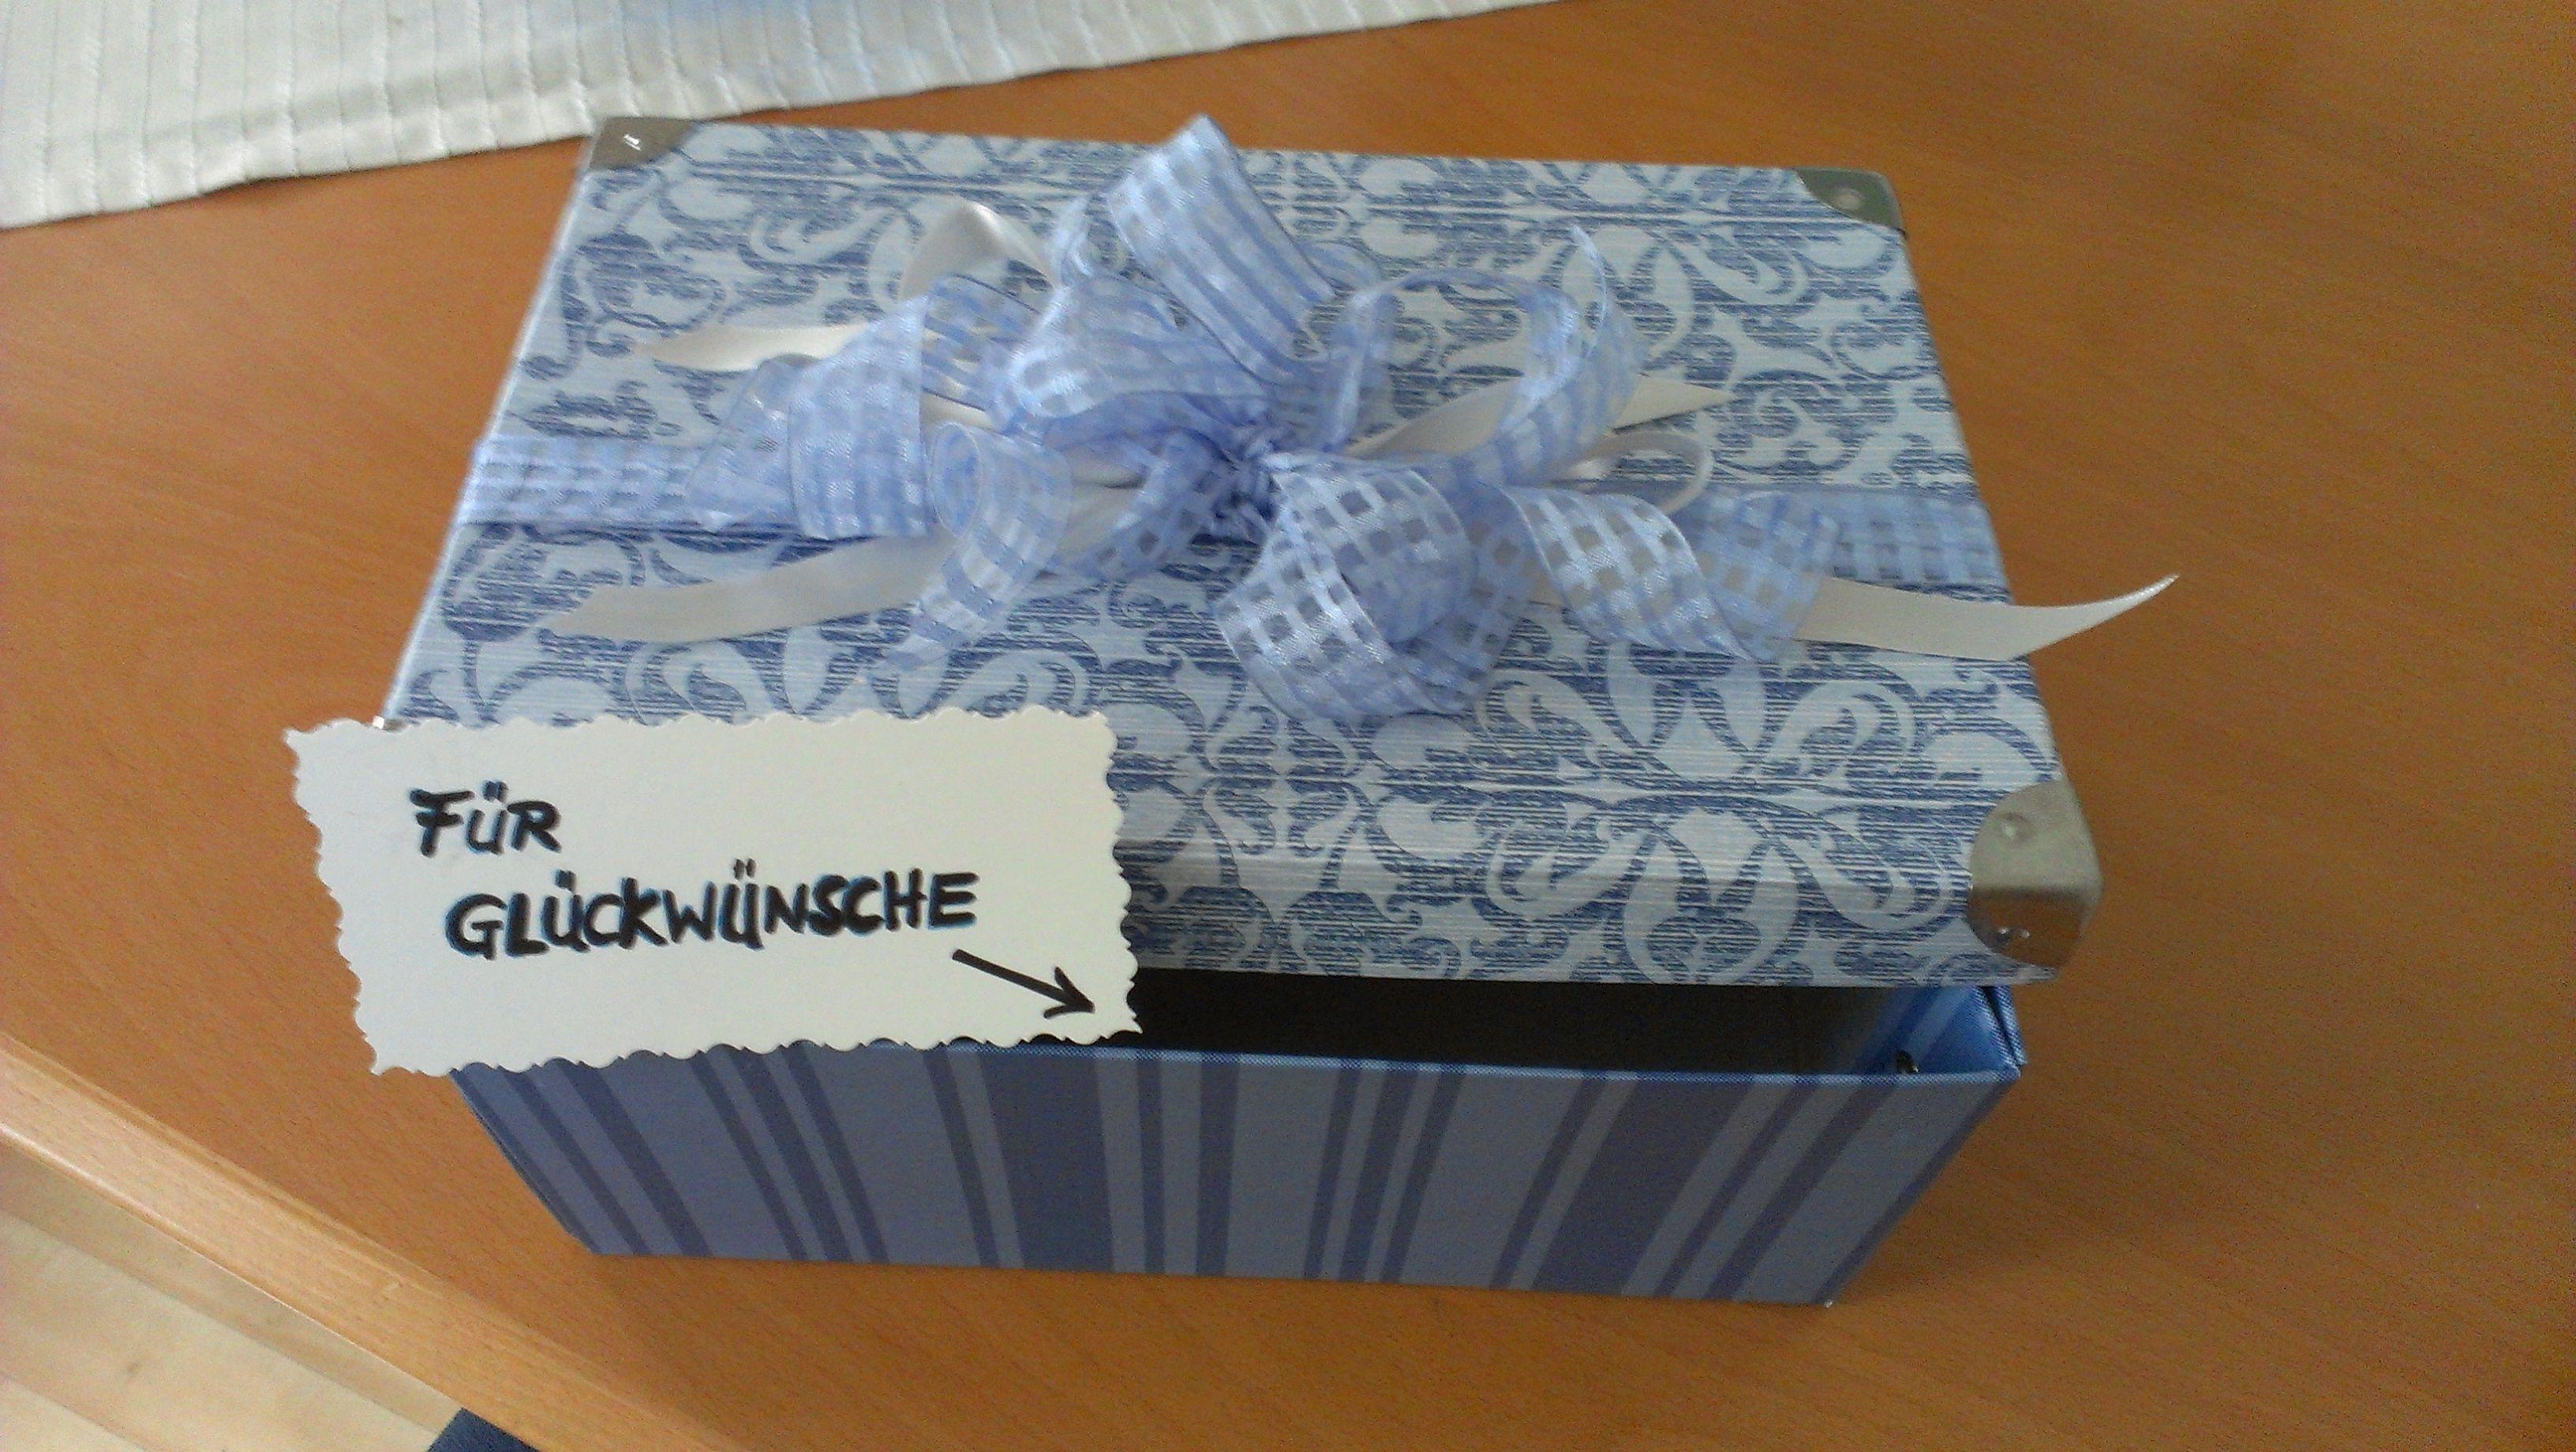 Box Fur Kleine Hochzeitsgeschenke Und Gluckwunschkarten So Geht